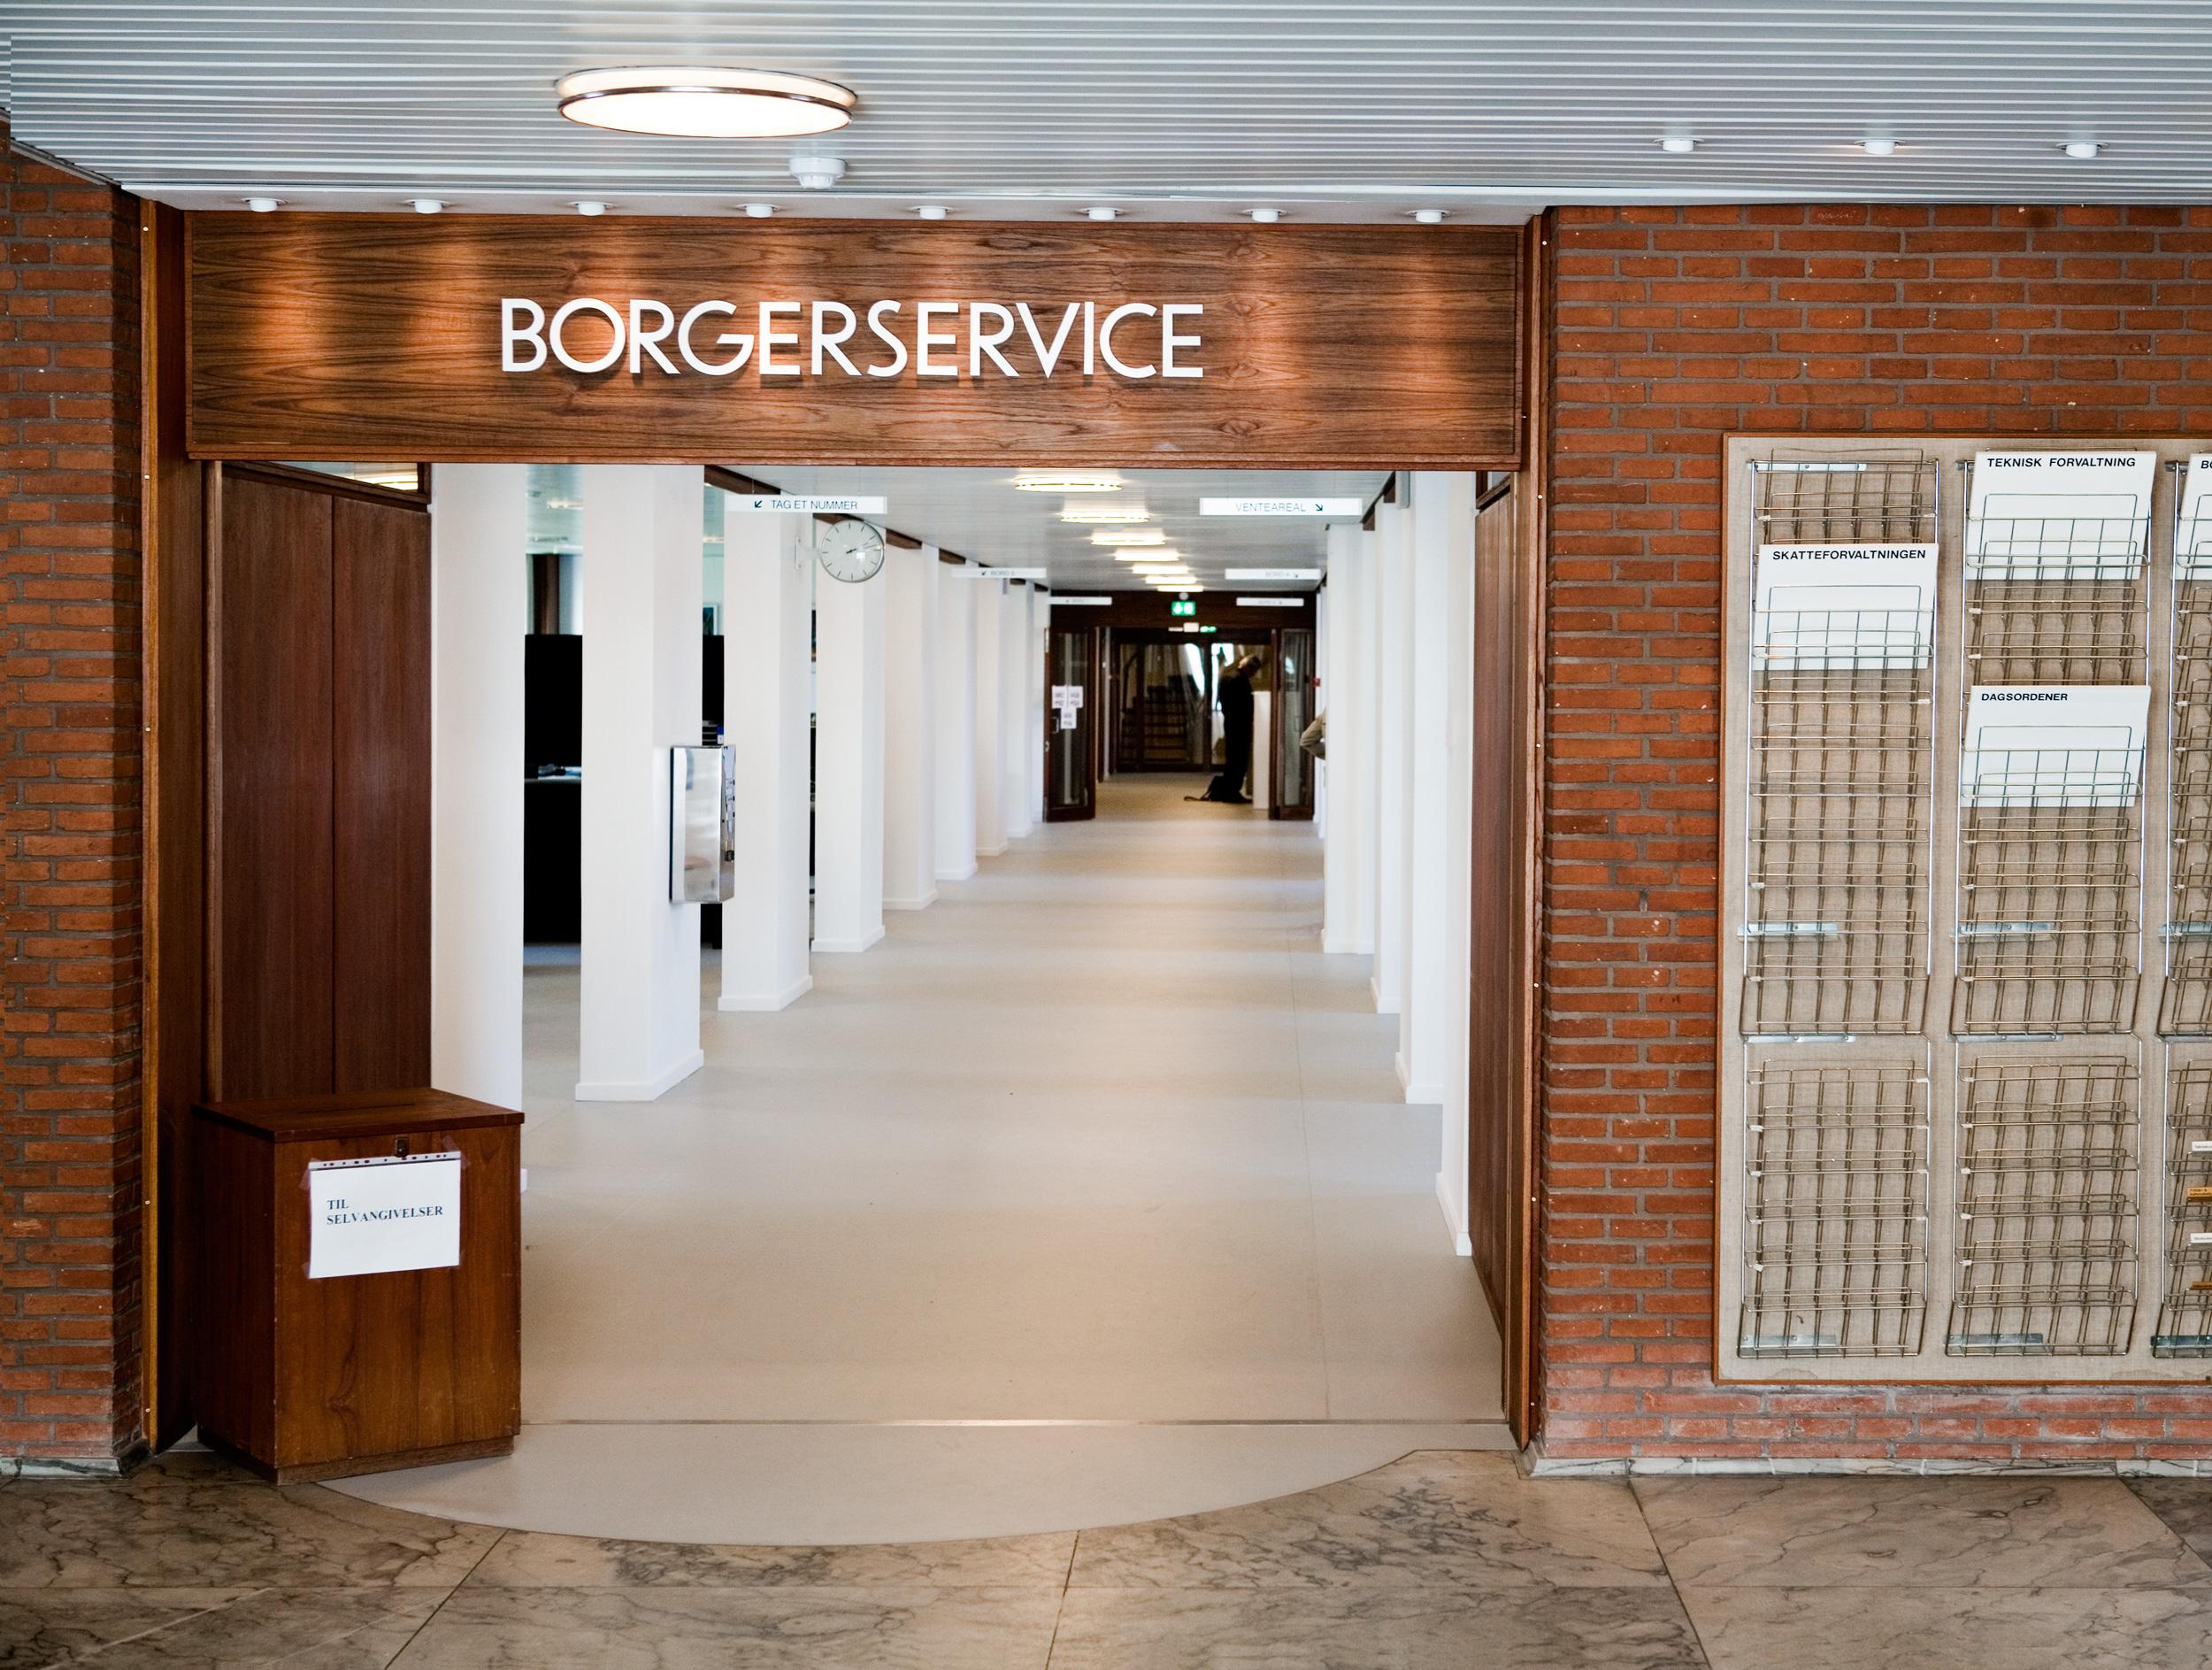 Glostrup-Borgerservice-013.jpg